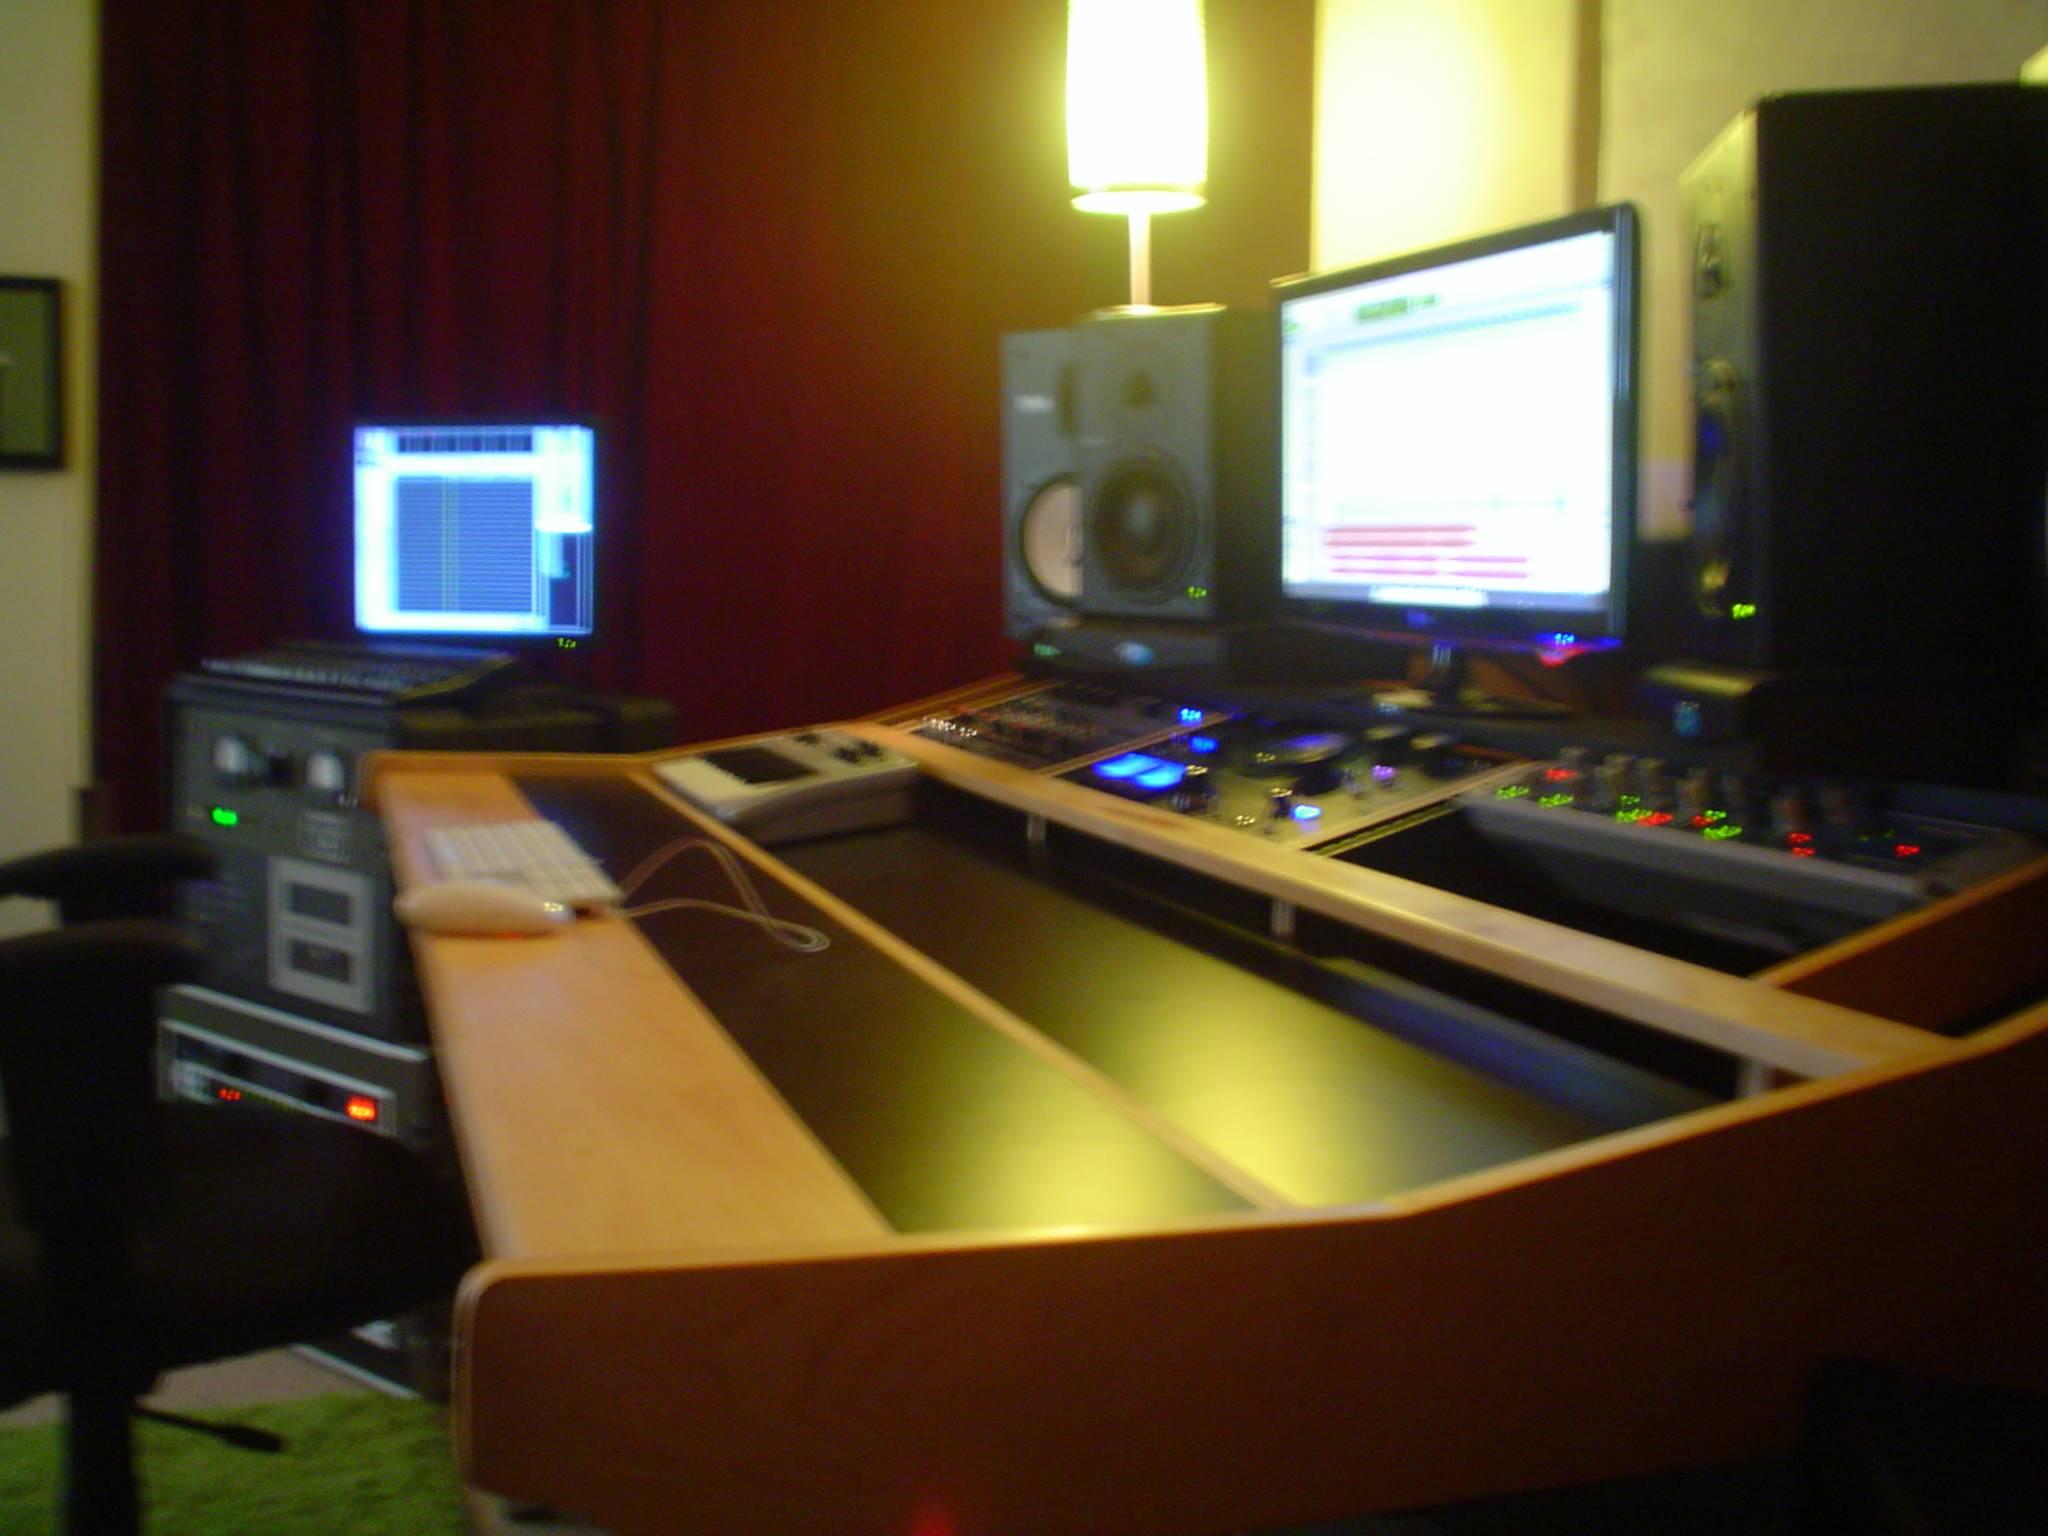 Studio Trends 46 Desk Cherry Cherry Hostgarcia